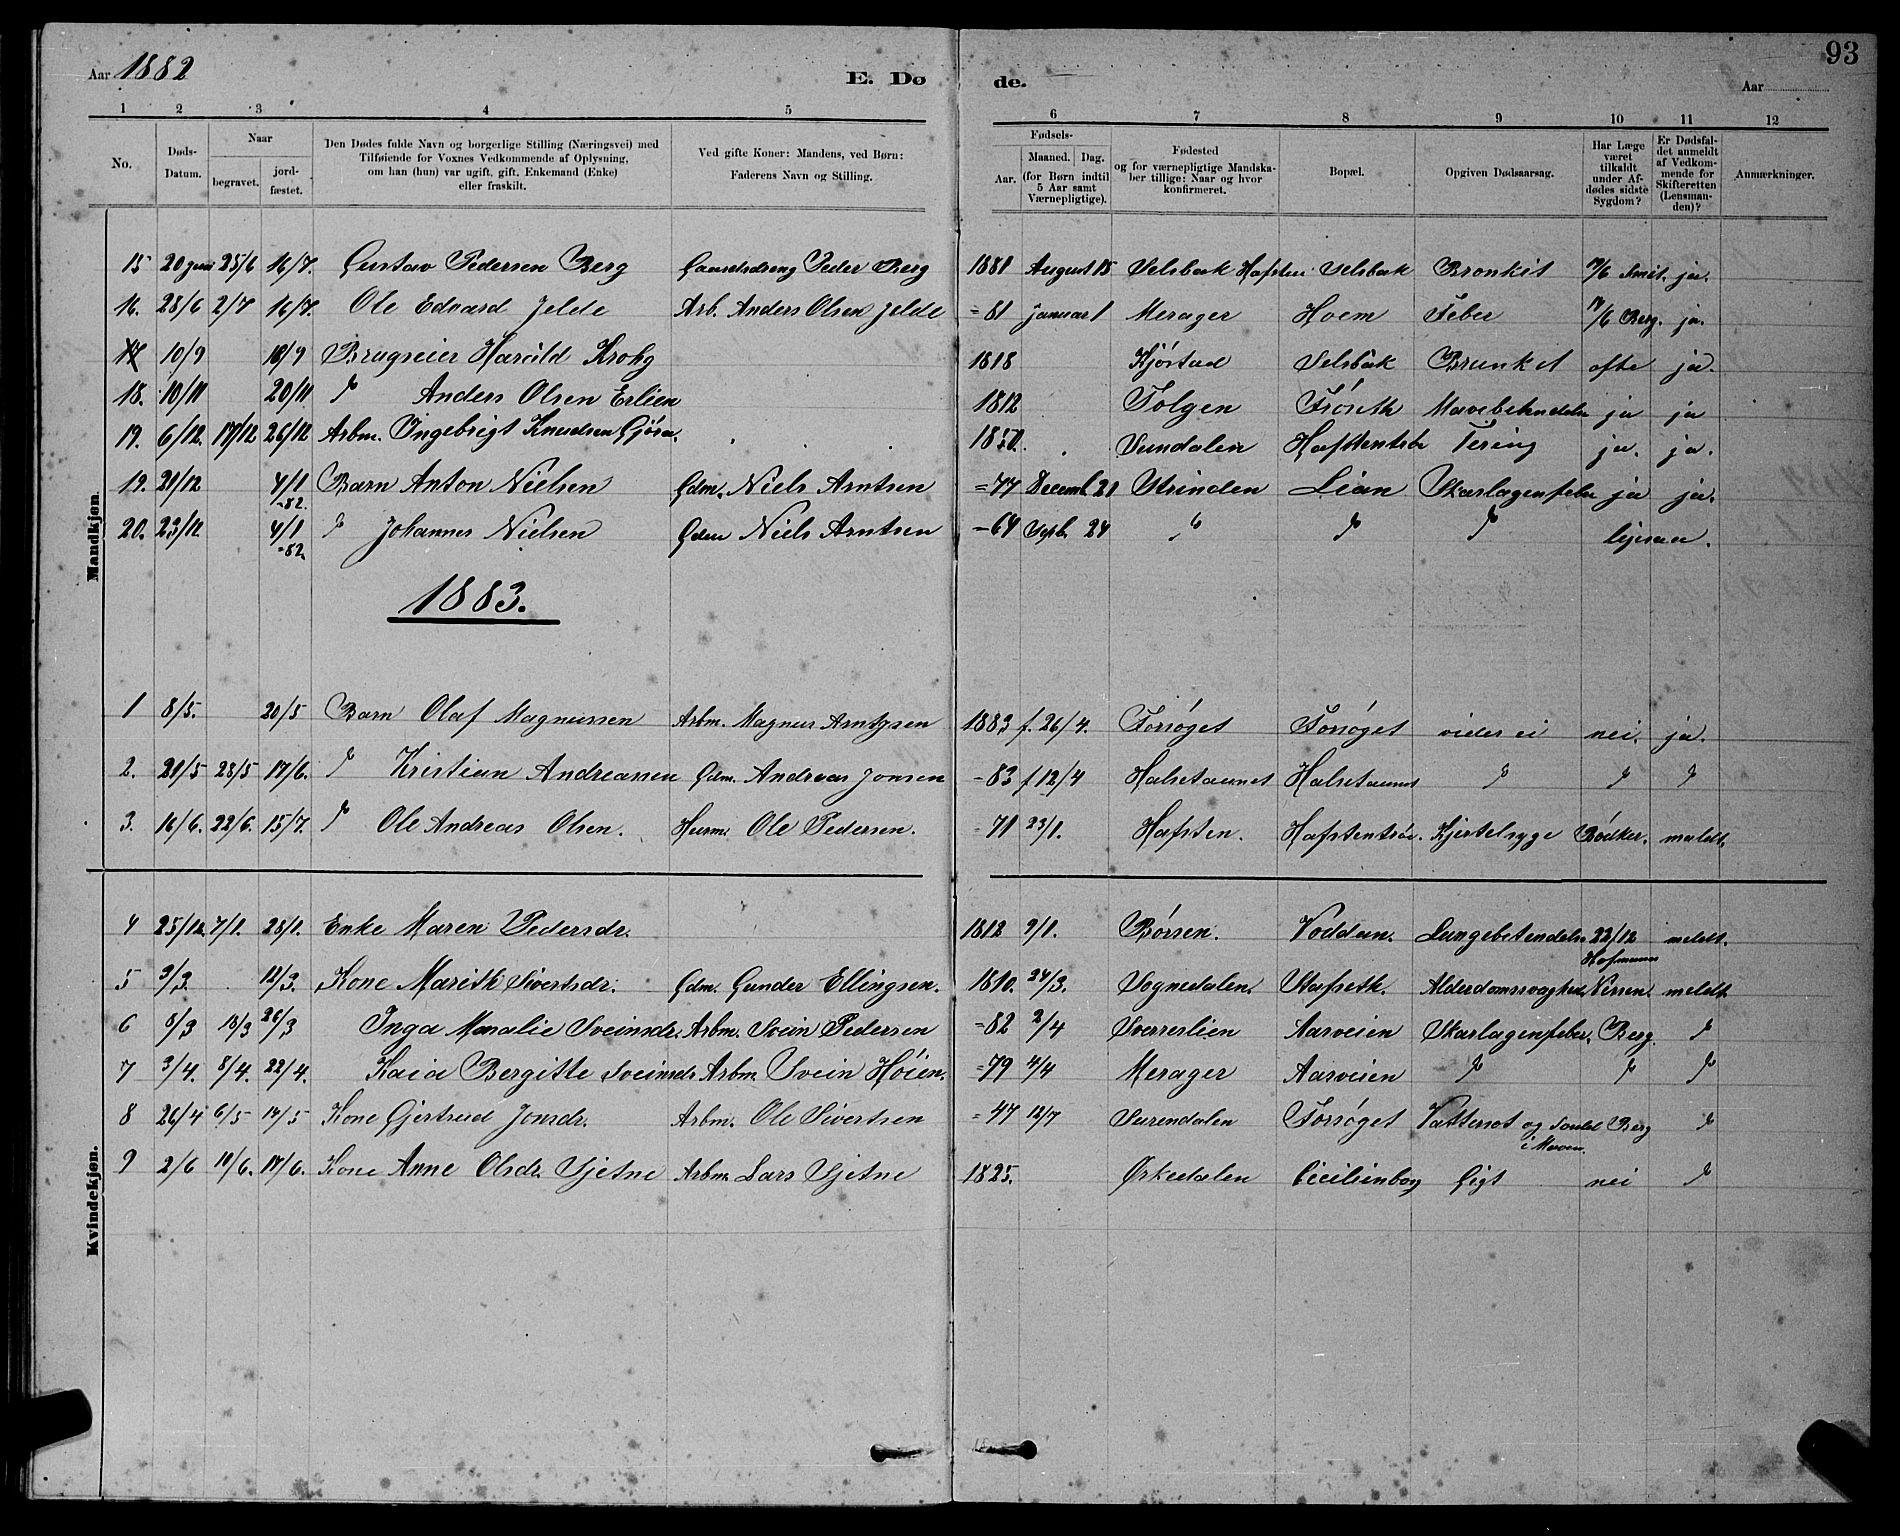 SAT, Ministerialprotokoller, klokkerbøker og fødselsregistre - Sør-Trøndelag, 611/L0354: Klokkerbok nr. 611C02, 1881-1896, s. 93